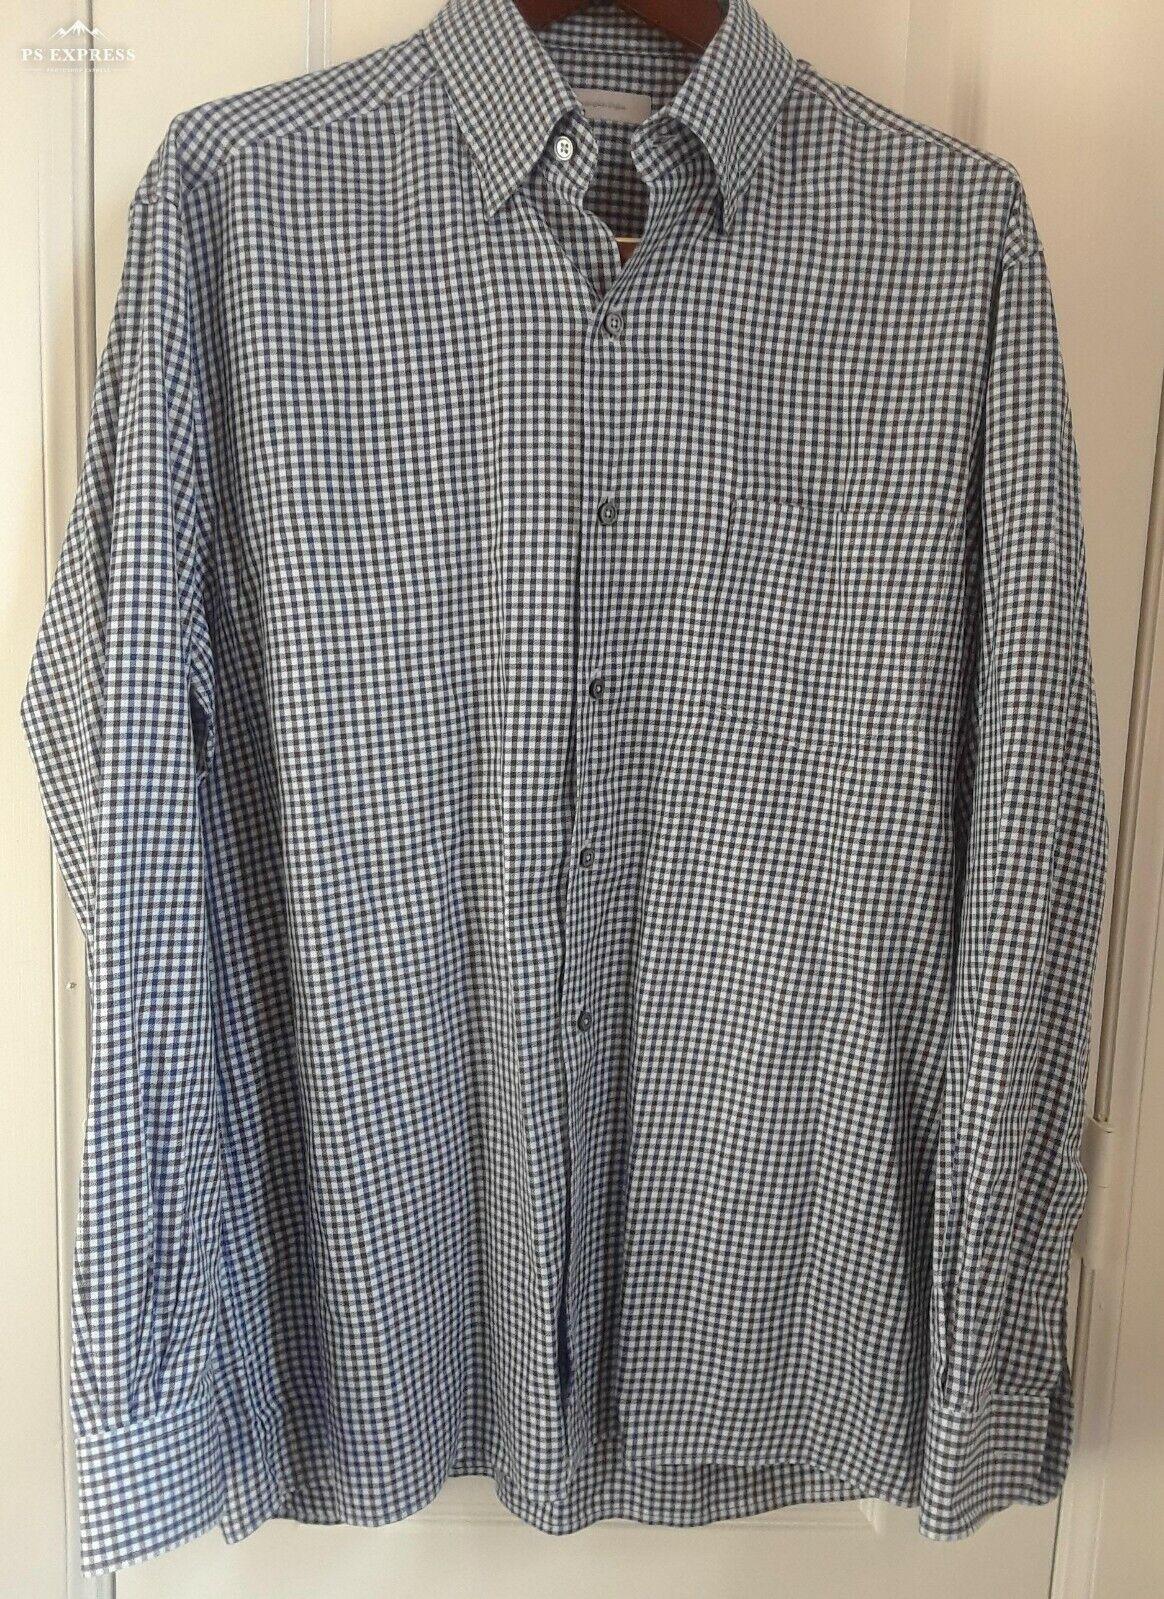 ERMENEGILDO ZEGNA bluee Brown Gingham Long Sleeve Shirt Size XL  P107